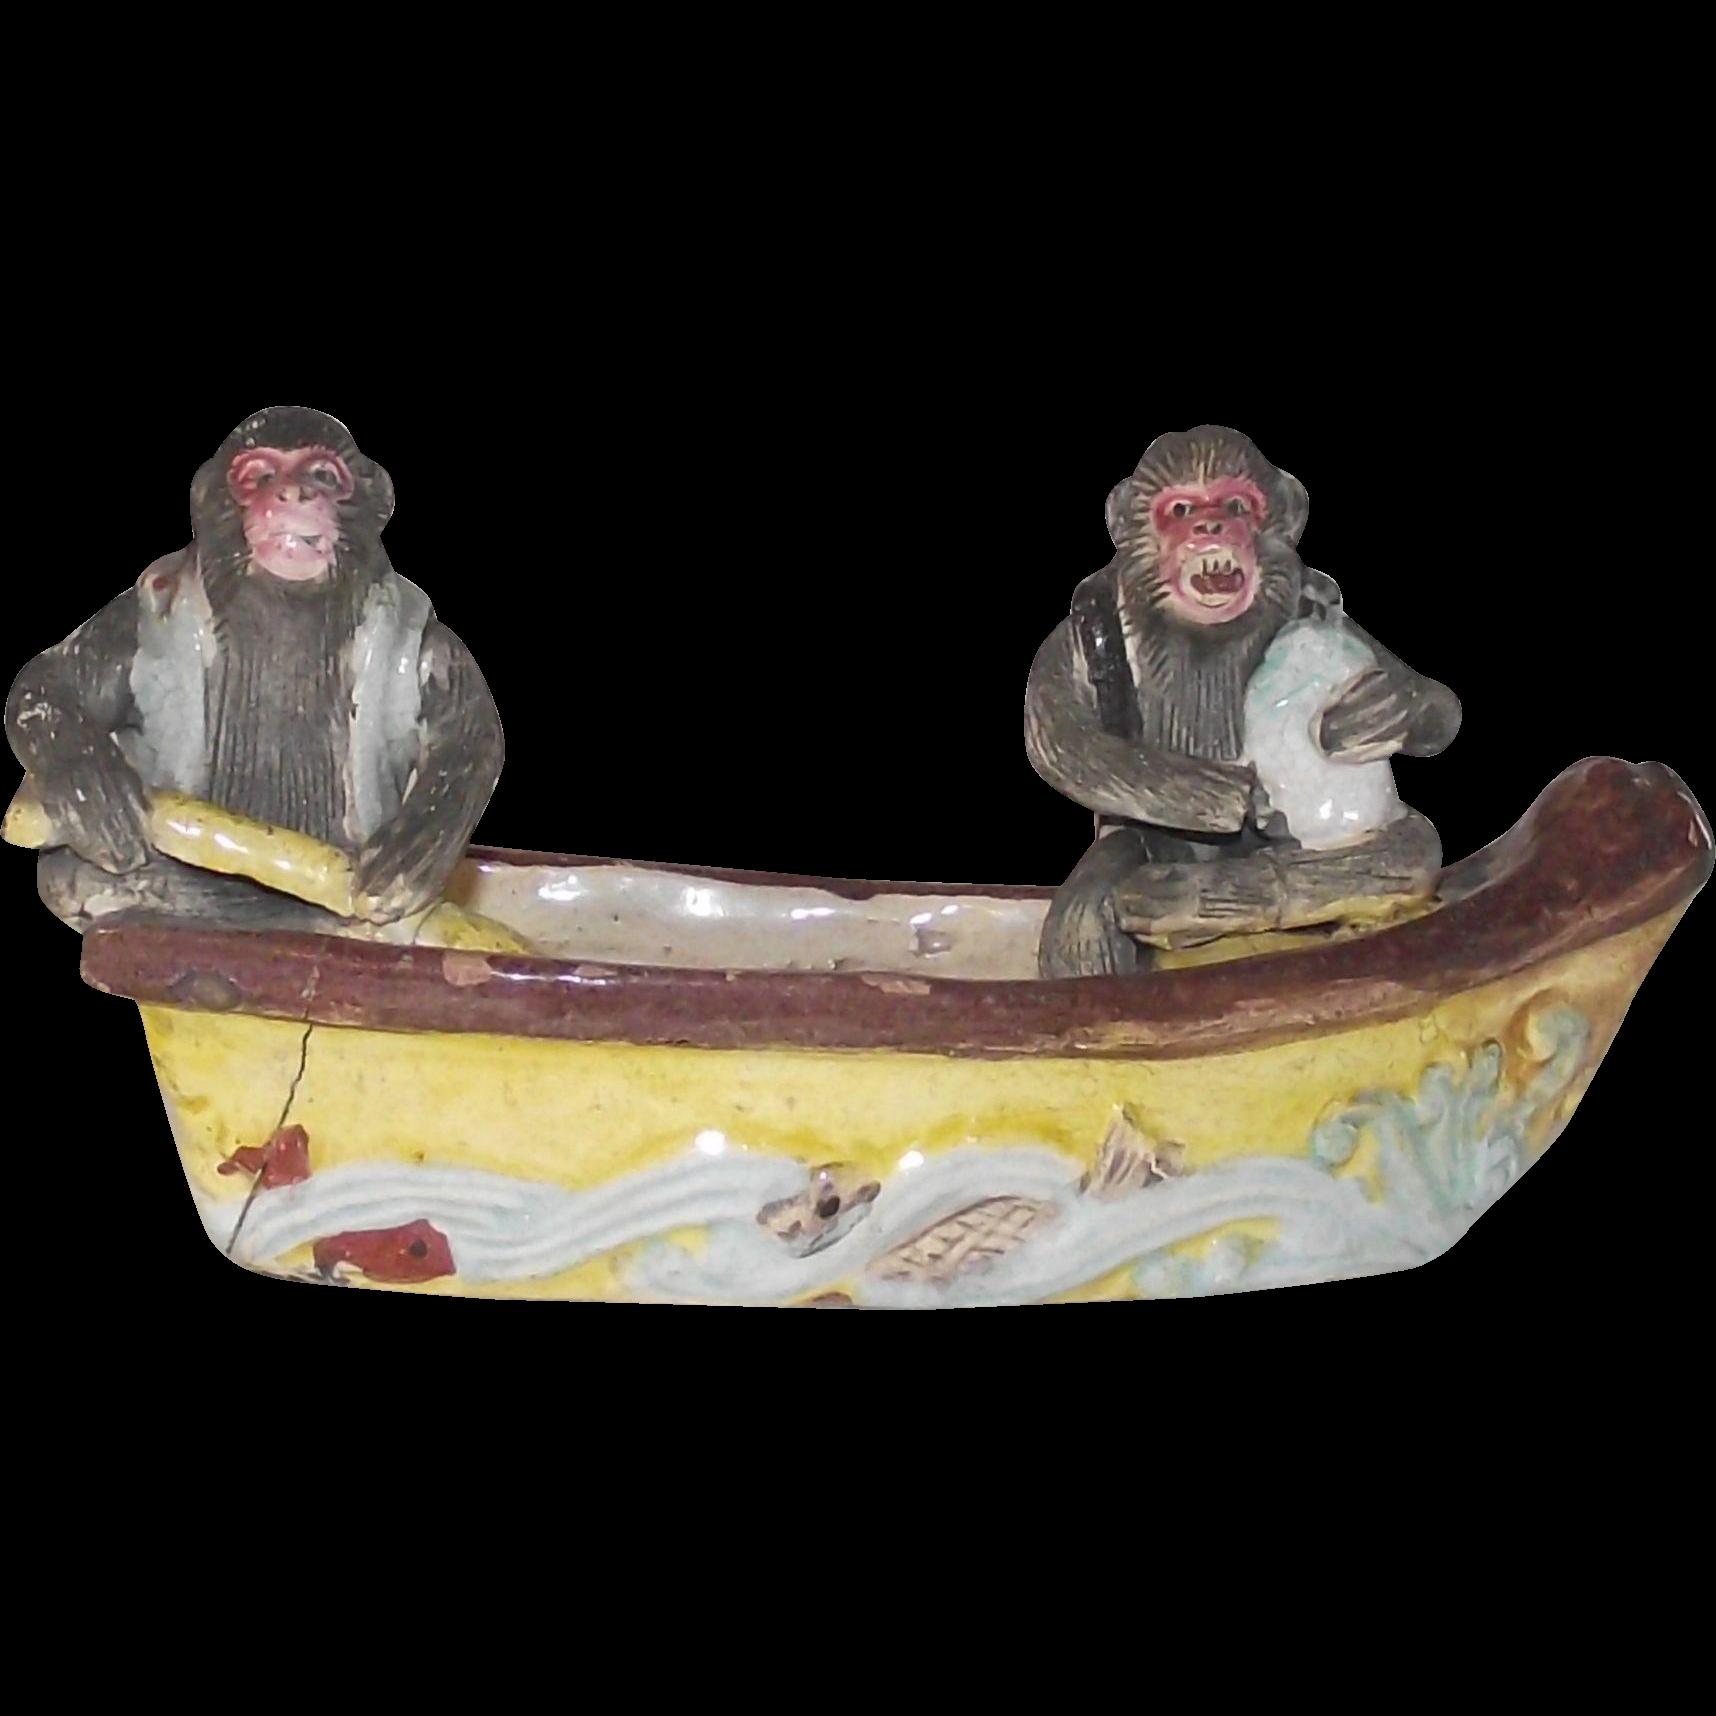 Vintage Majolica Two Monkeys in a Boat Fishing